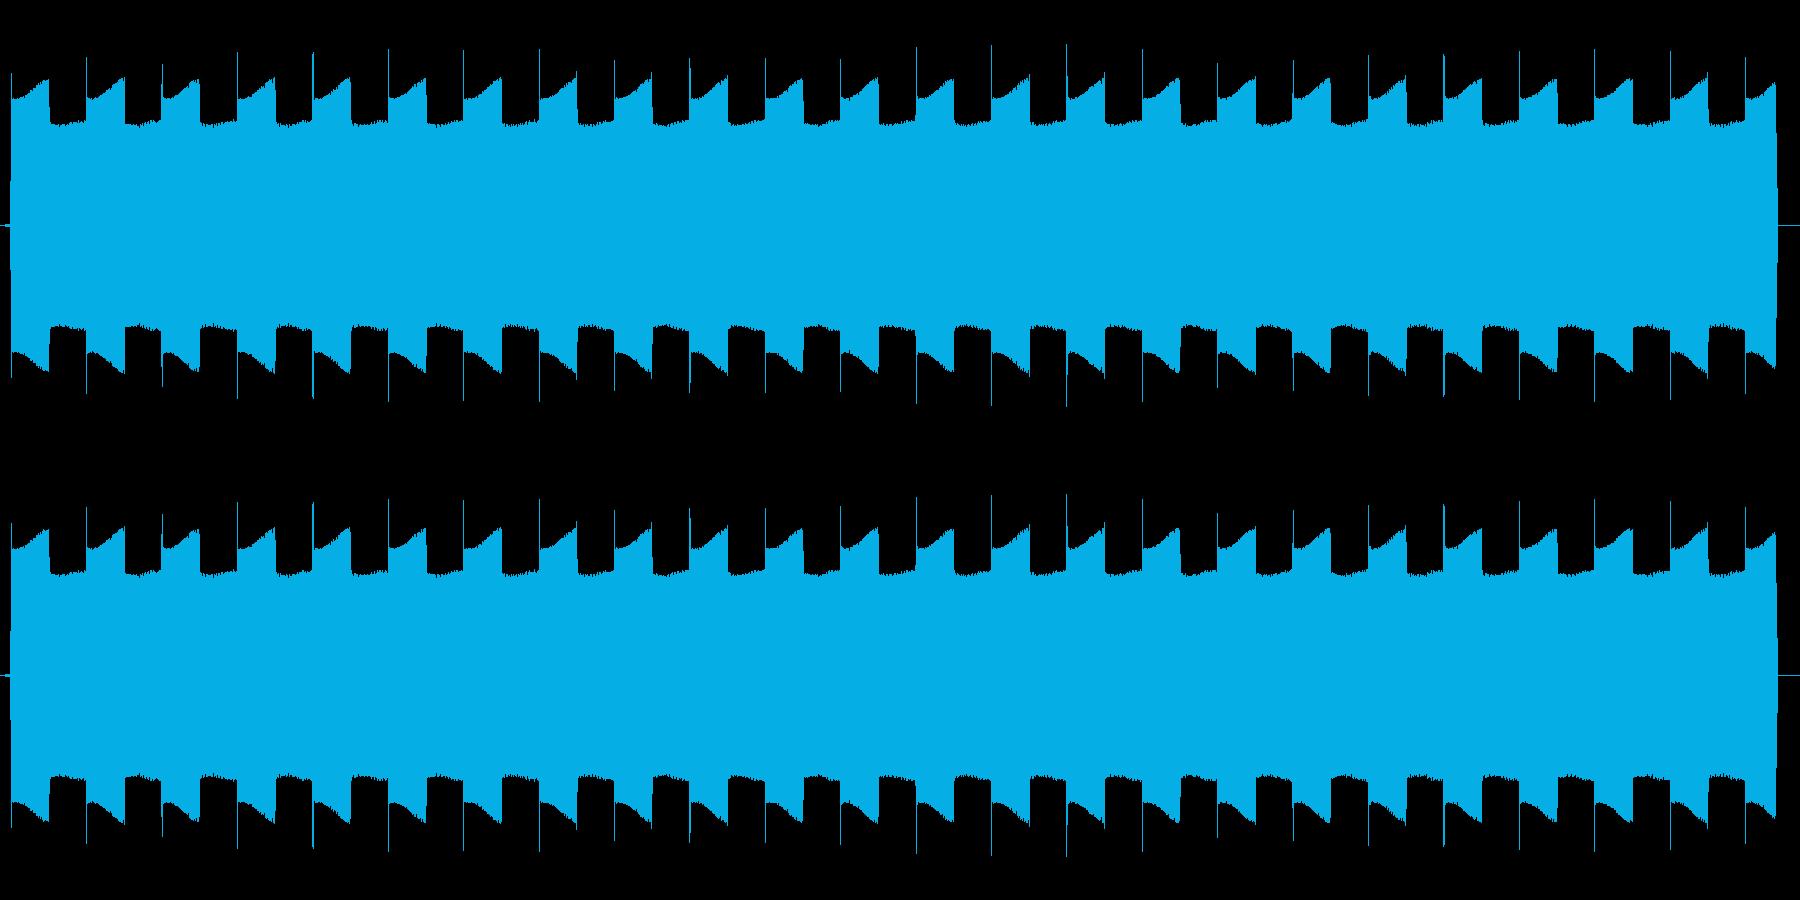 ピヨピヨピヨ(放送禁止ピー音などに)の再生済みの波形